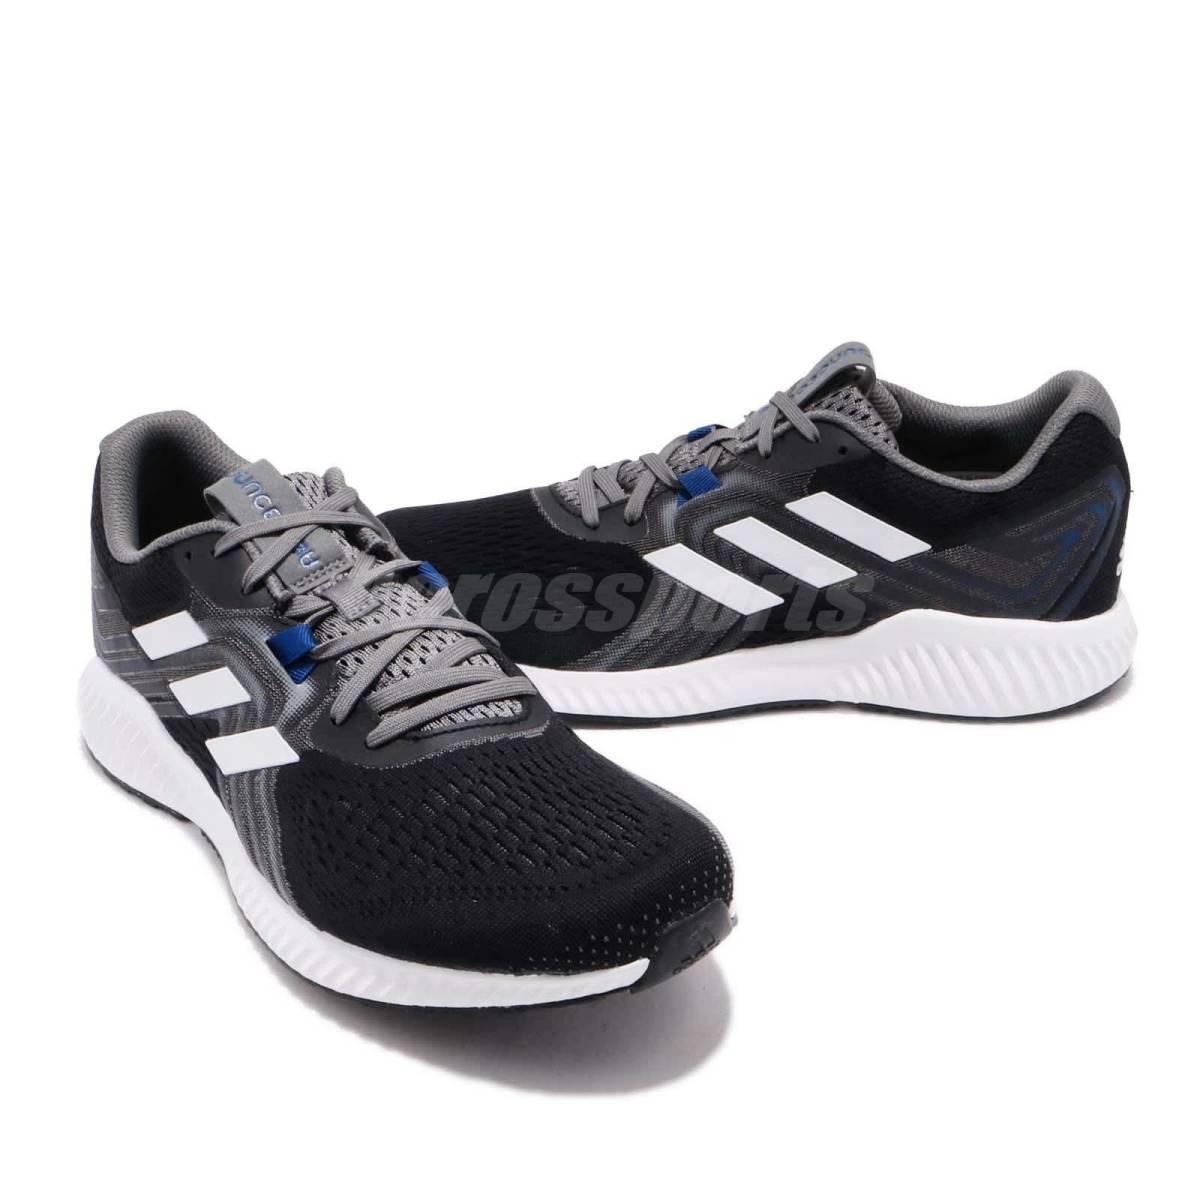 新品 ADIDAS アディダス スニーカー ランニングシューズ エアロバウンス2 トレーニングシューズ ウォーキングシューズ 運動靴 27cm_画像1